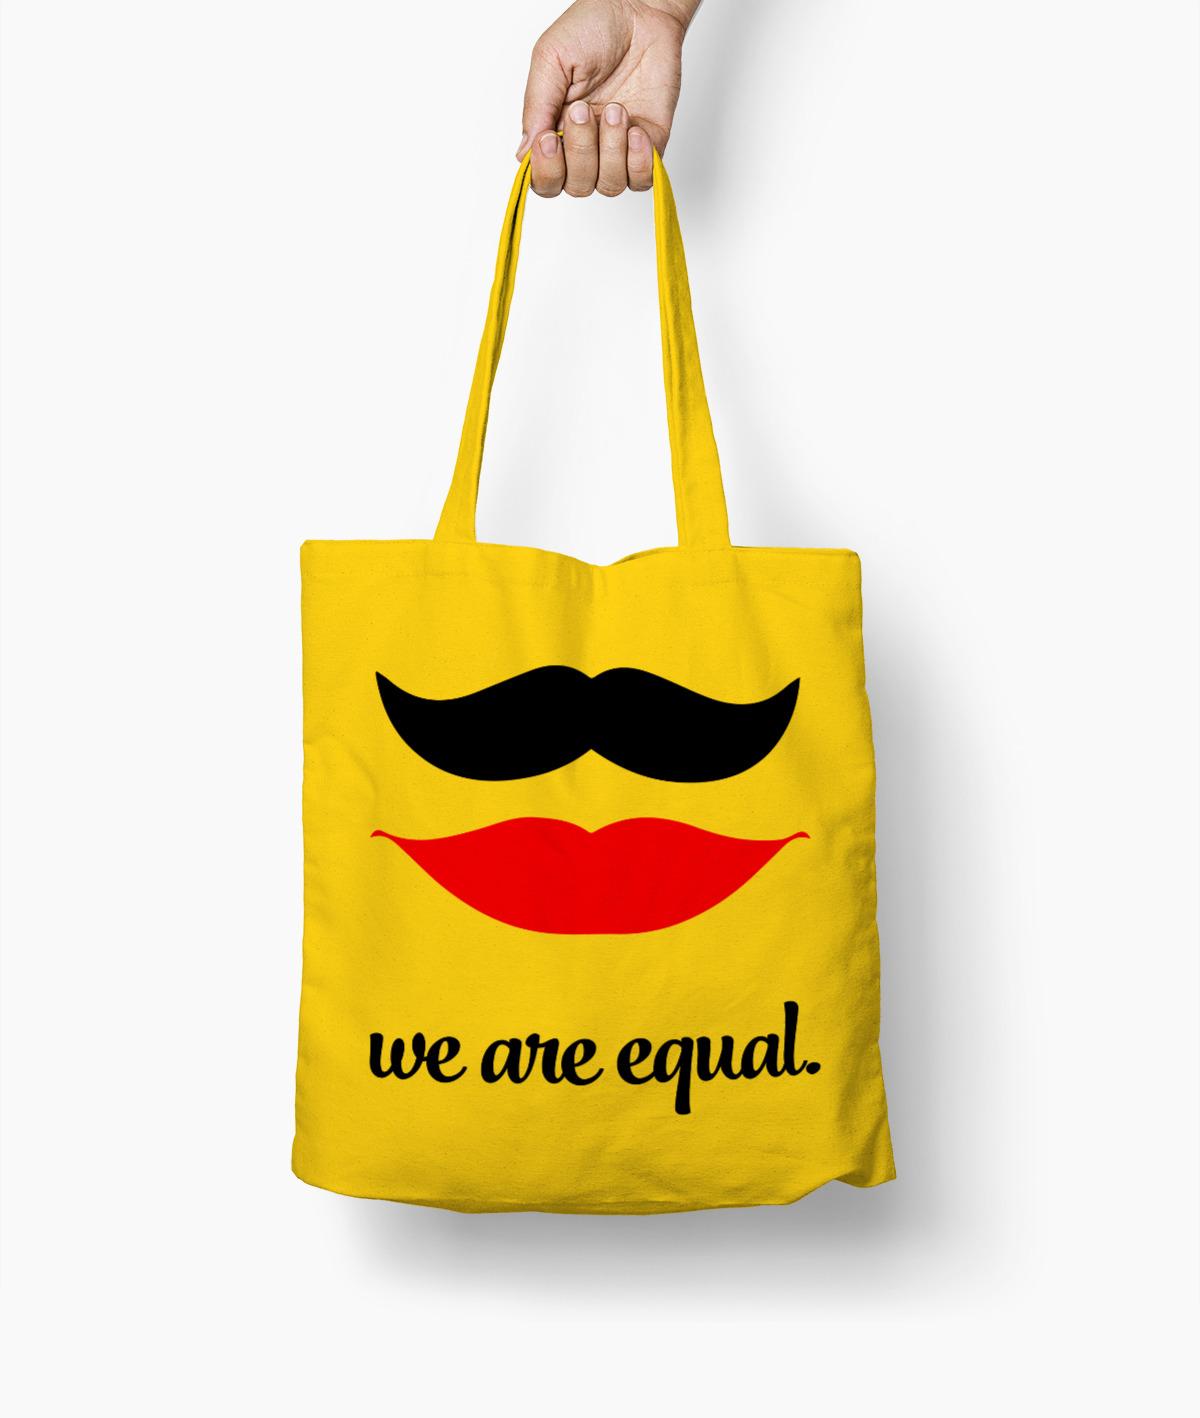 We are equal – Borsa Attivismo e Diritti Umani